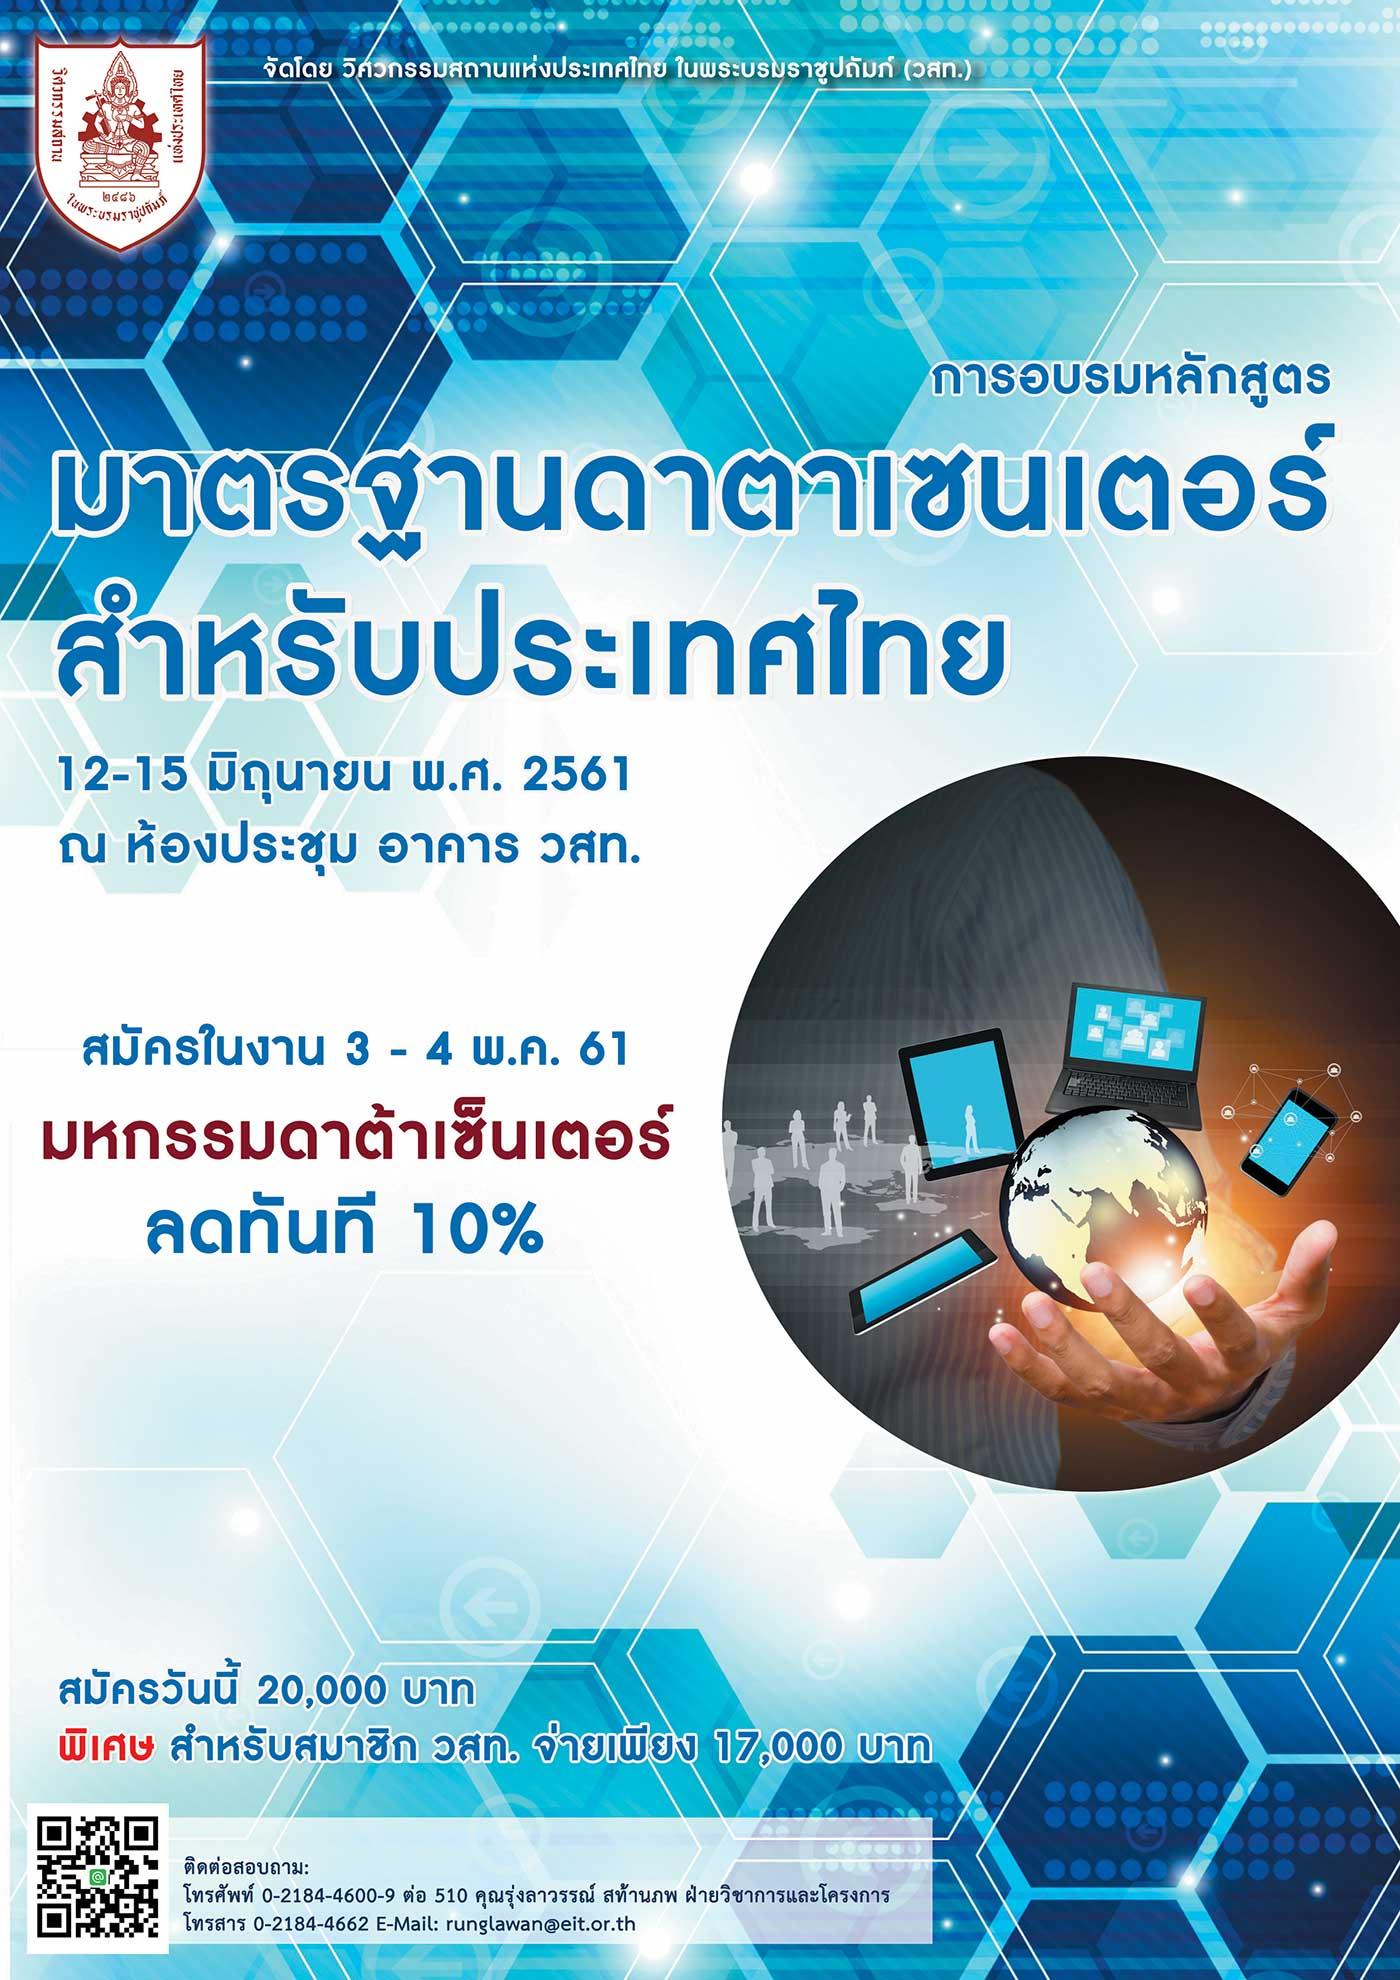 12-15/06/2561 การอบรมหลักสูตร มาตรฐานดาตาเซนเตอร์สำหรับประเทศไทย รุ่นที่ 1